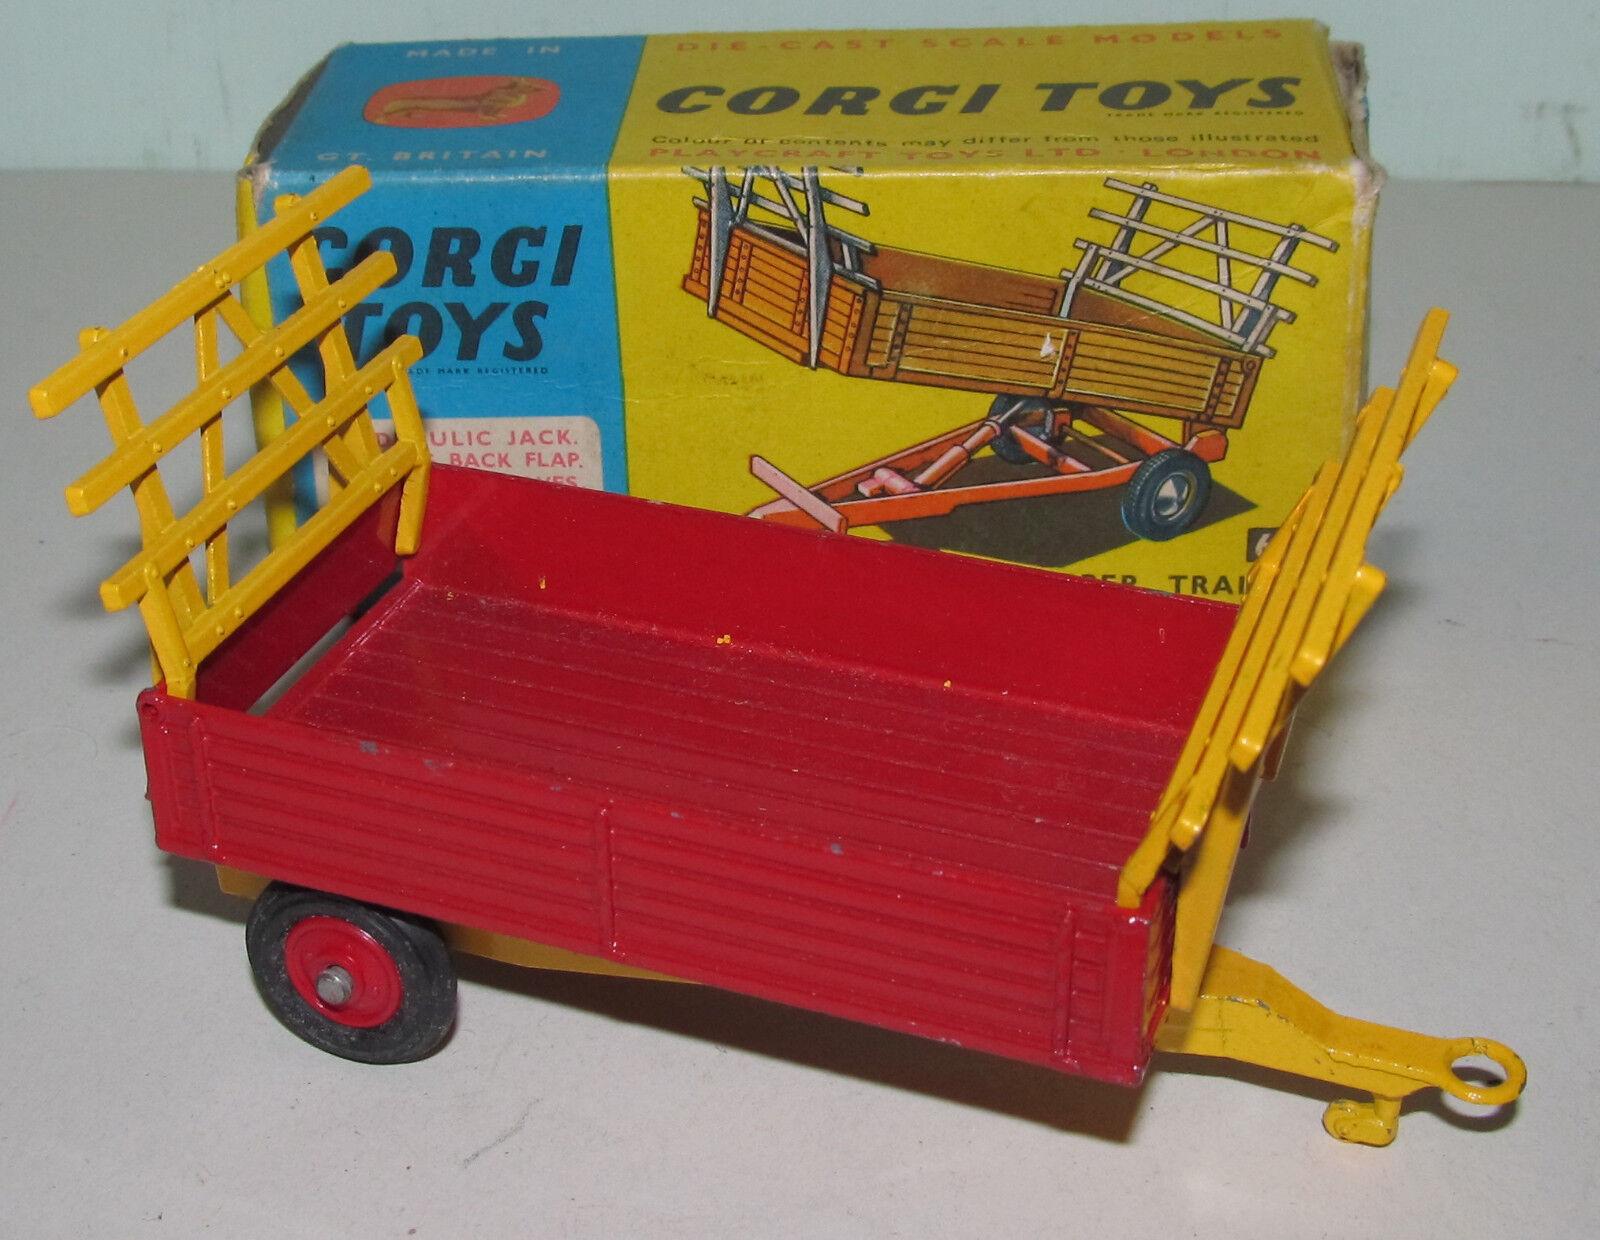 B corgi spielzeug 62 hof kippen - - - trailer 17e7f8